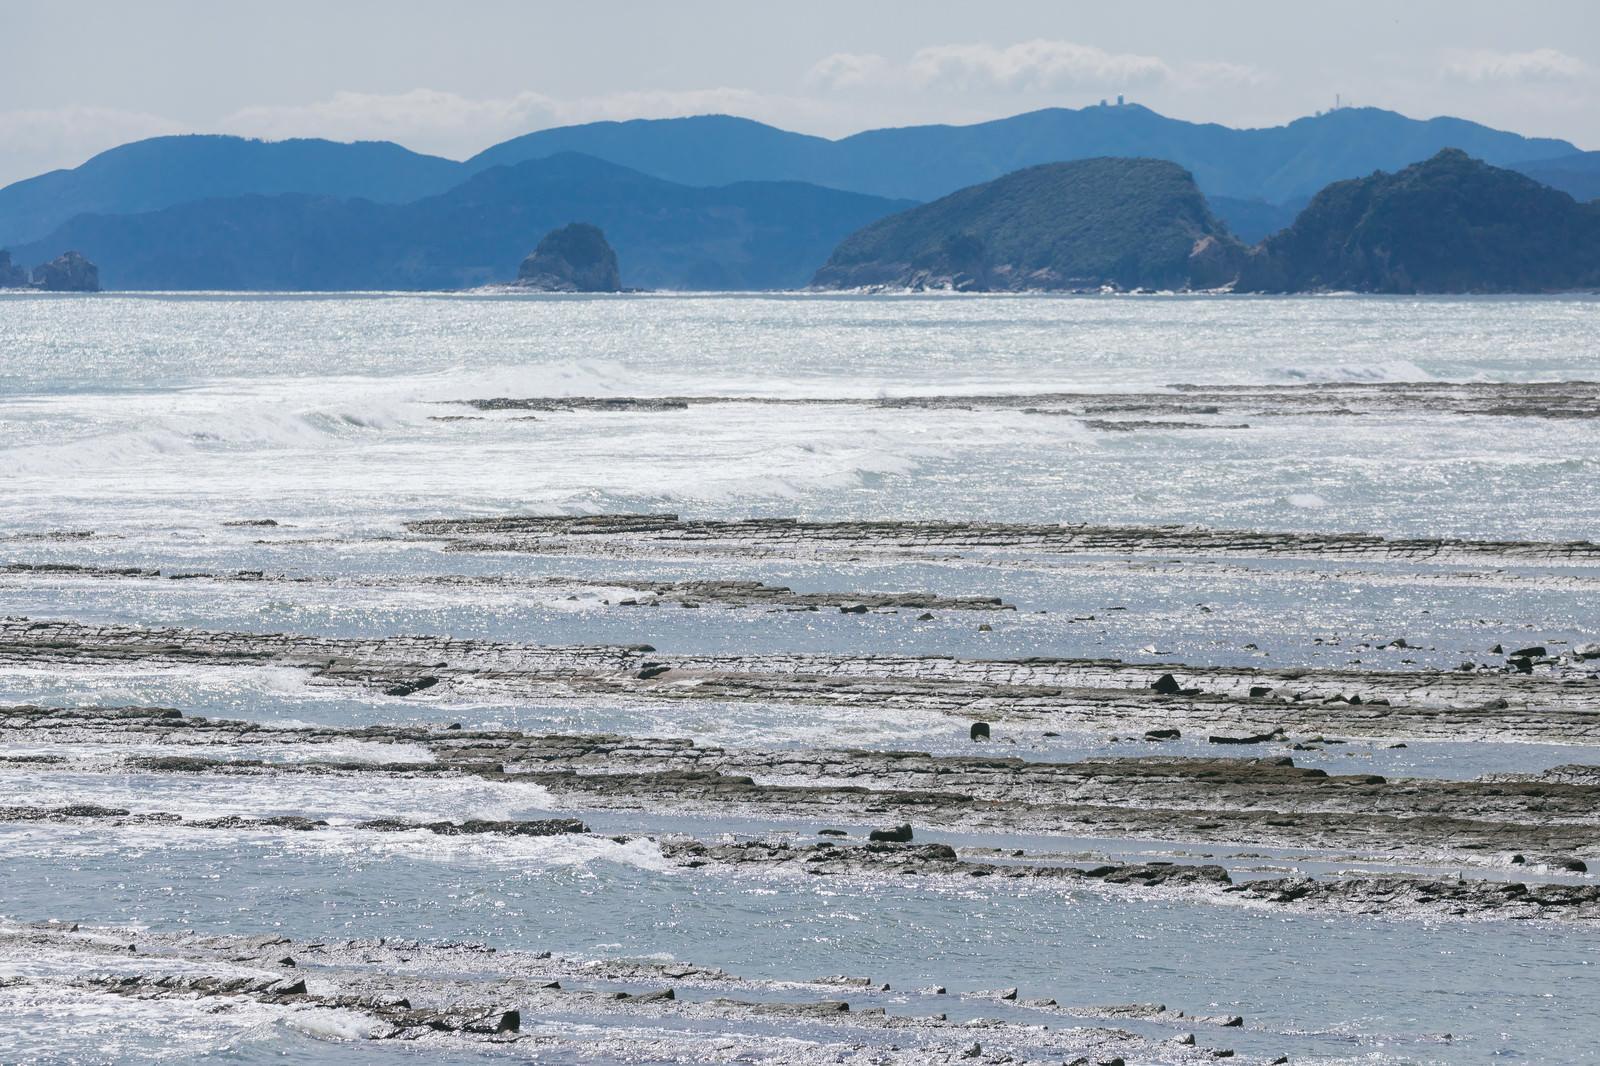 「洗濯板みたいなゴツゴツが続く鬼の洗濯岩(宮崎県日南市)」の写真